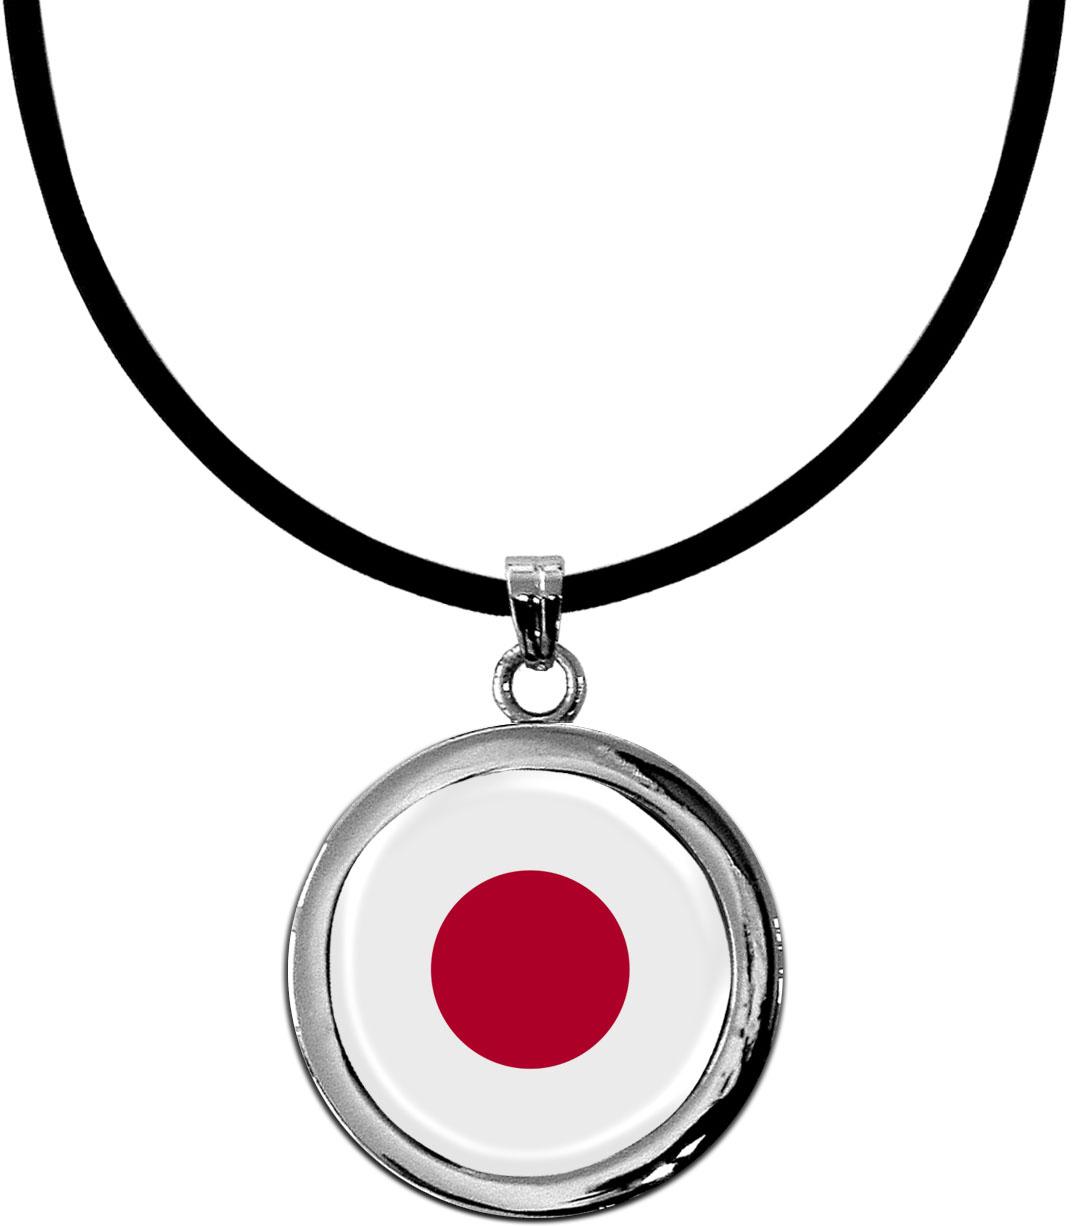 Kettenanhänger / Japan / Silikonband mit Silberverschluss